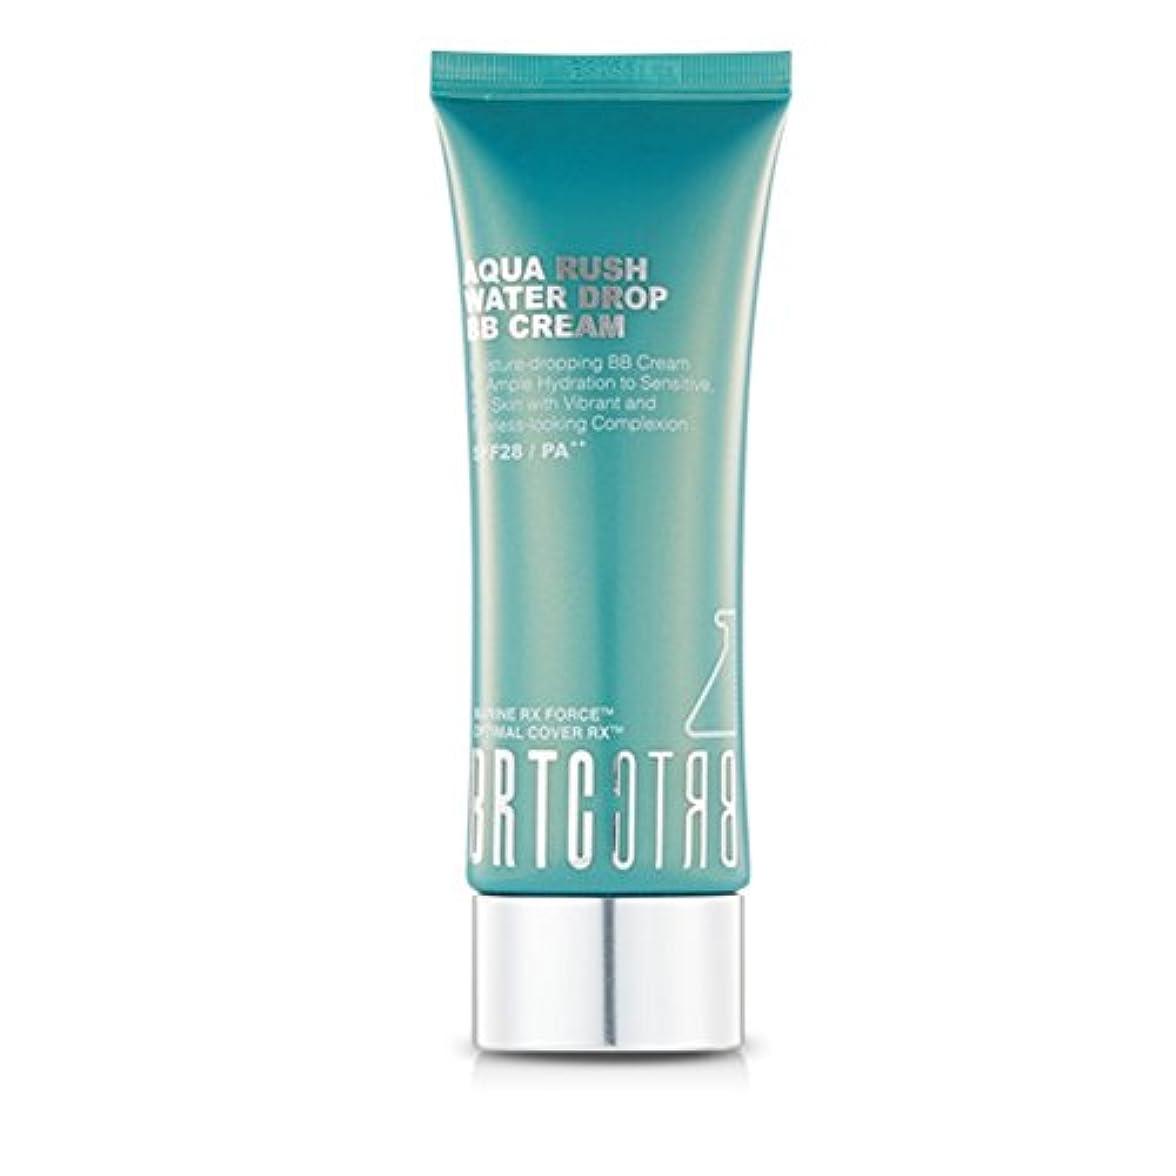 繕う当社起きる【BRTC/非アルティさん]韓国化粧品Aqua Rush Water Drop BB Cream/こすると水滴がソングルソングルミネラルBB/アクアラッシュウォータードロップBBクリーム60g(海外直送品)